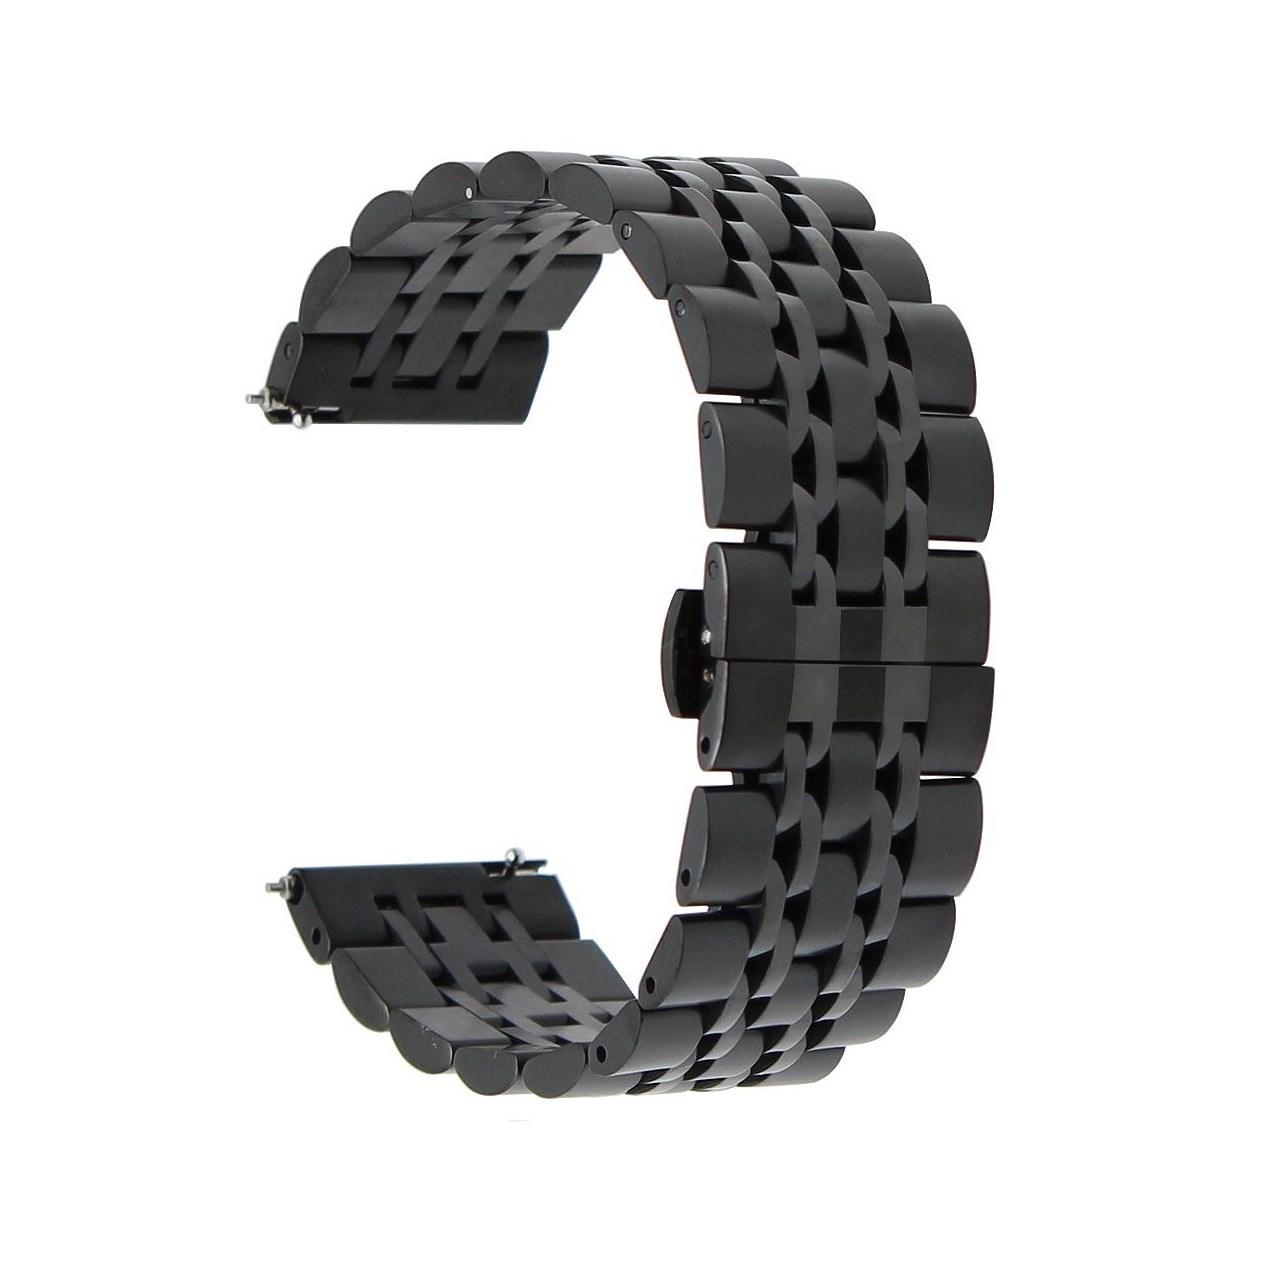 قیمت بند فلزی مدل Longines مناسب برای ساعت هوشمند Gear S3